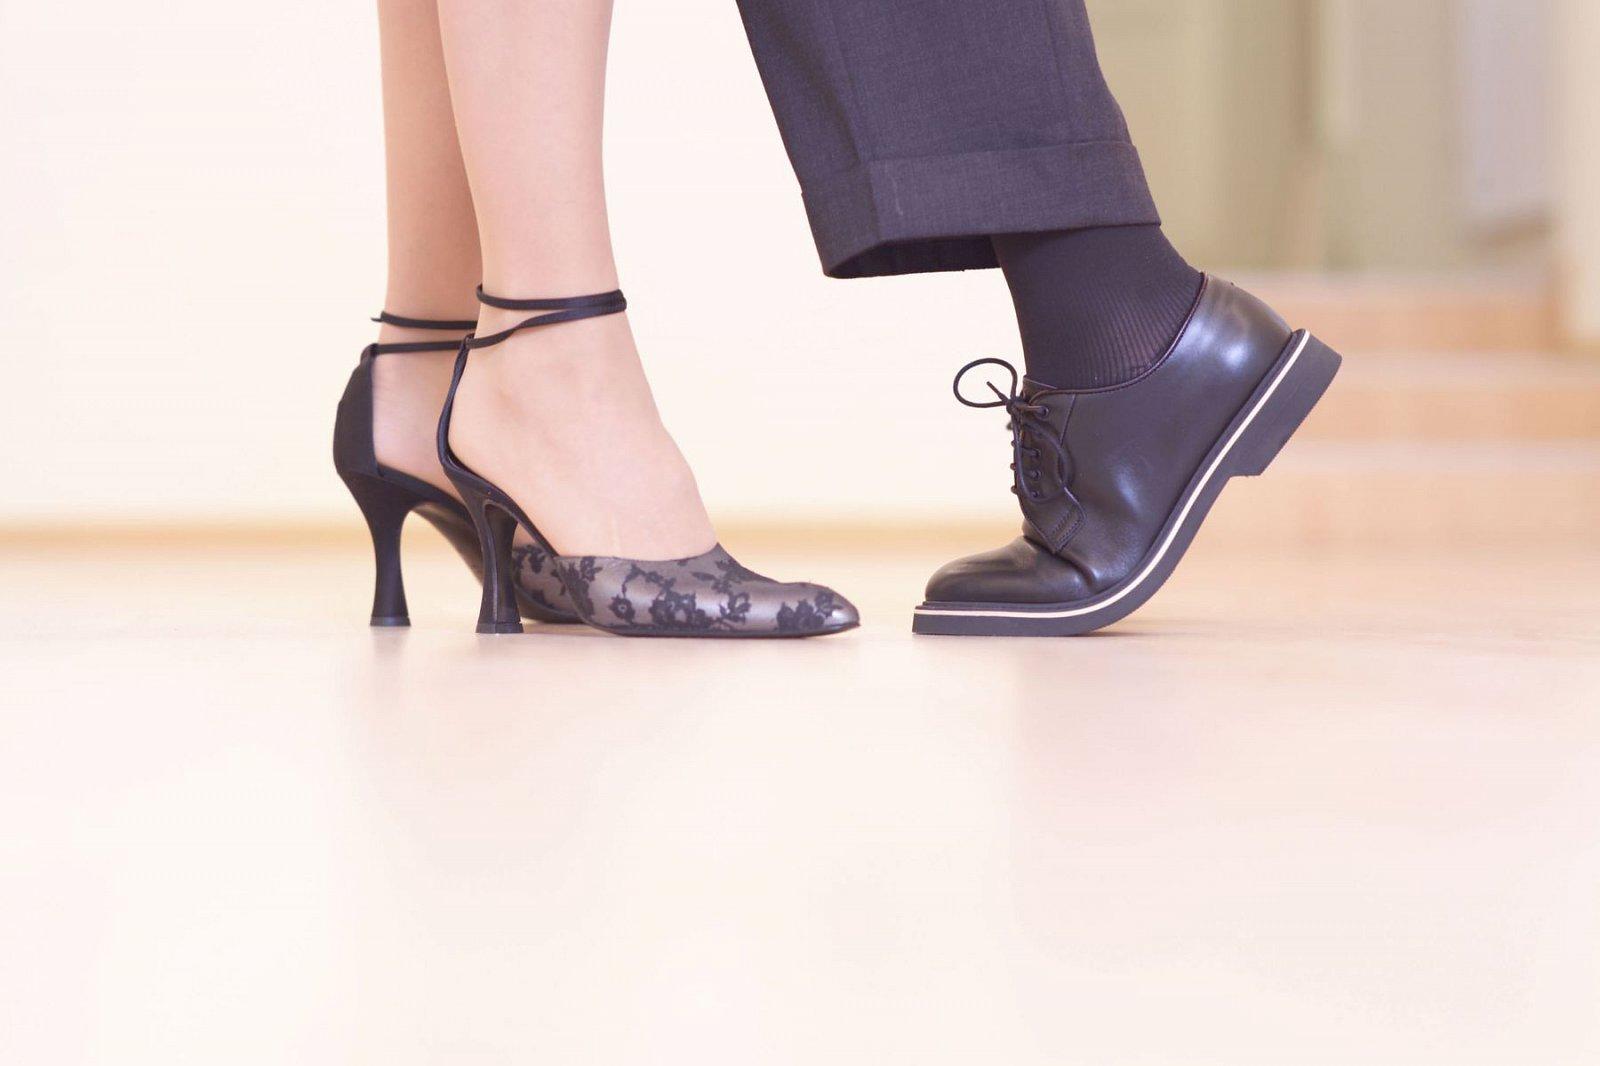 Nejpodivnější sexuální praktiky